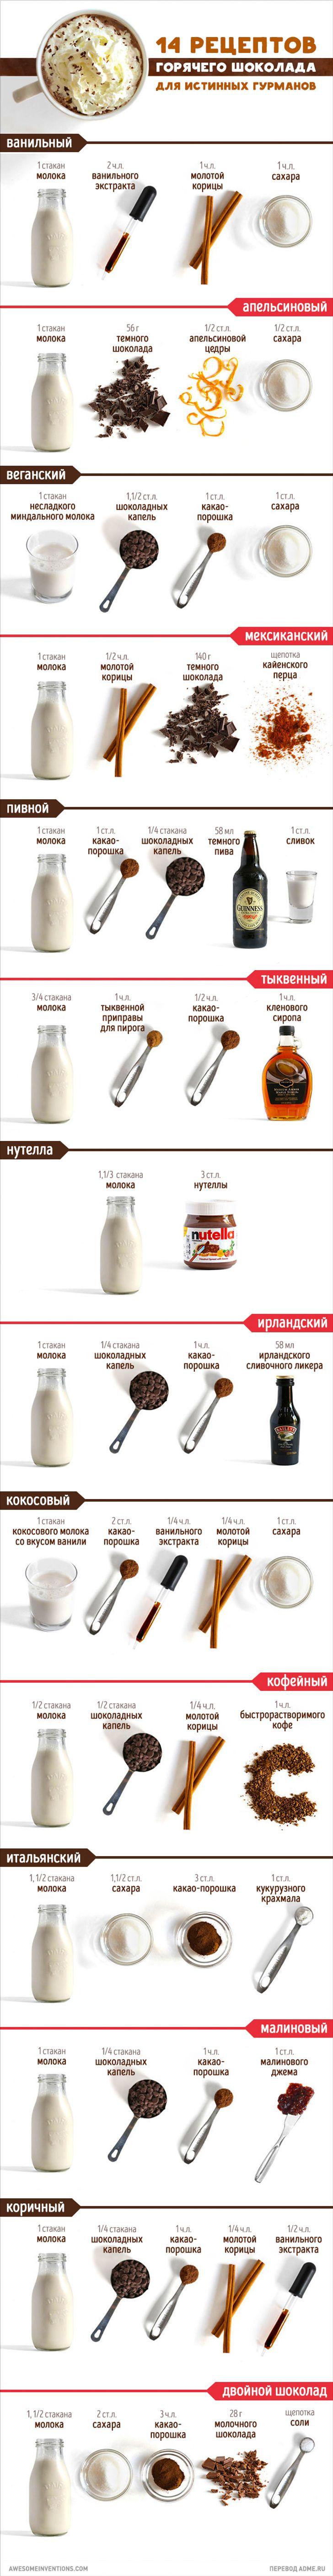 14рецептов горячего шоколада для истинных гурманов